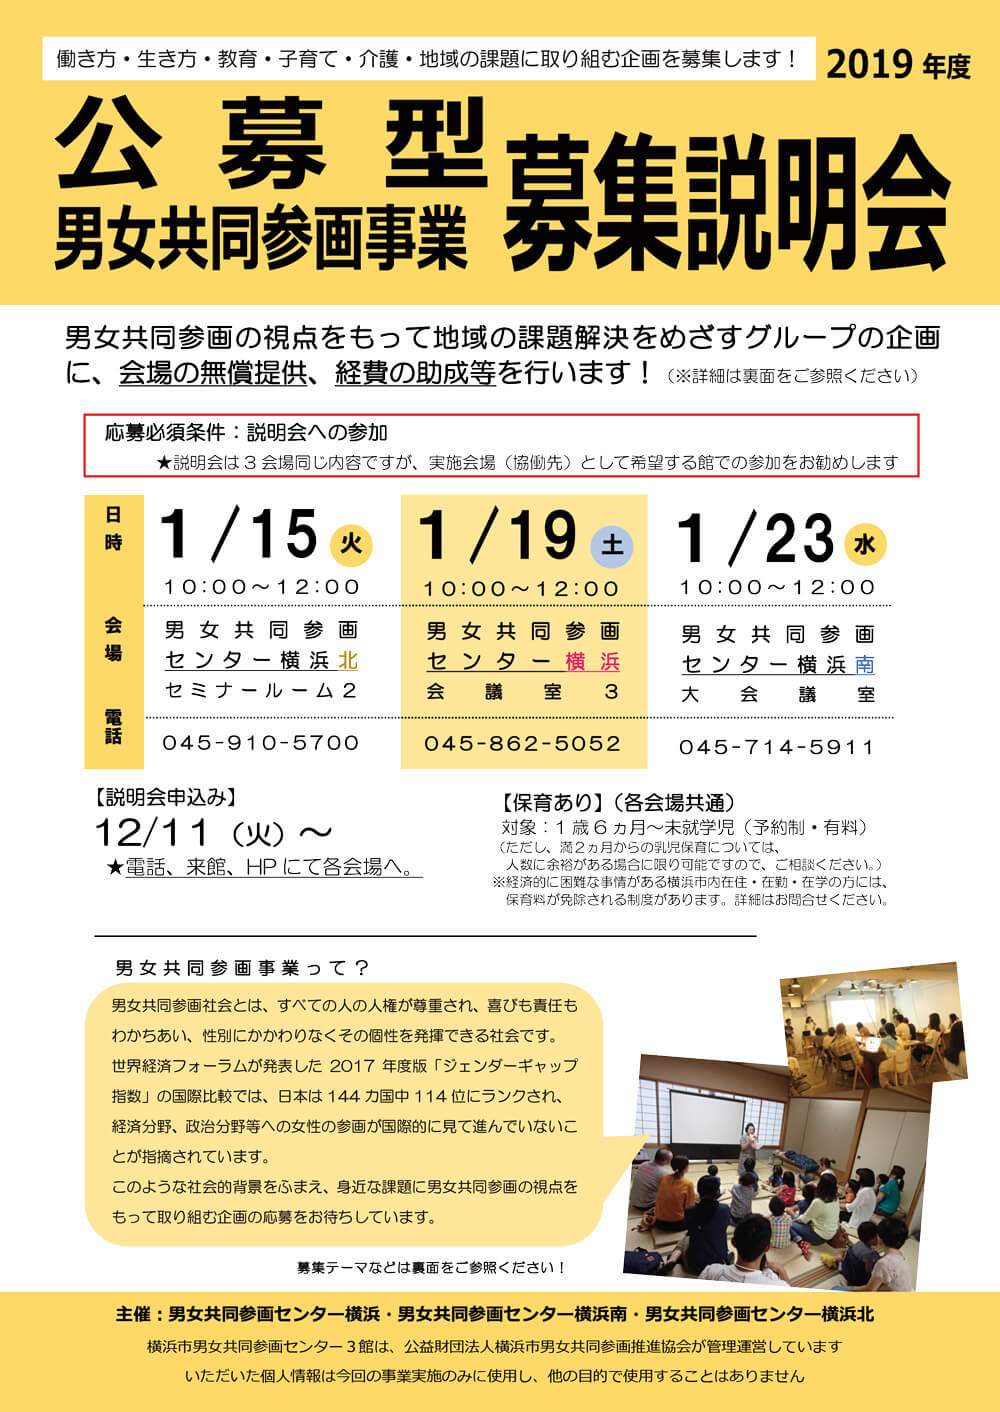 【募集】1/19(土)公募型男女共同参画事業 説明会01